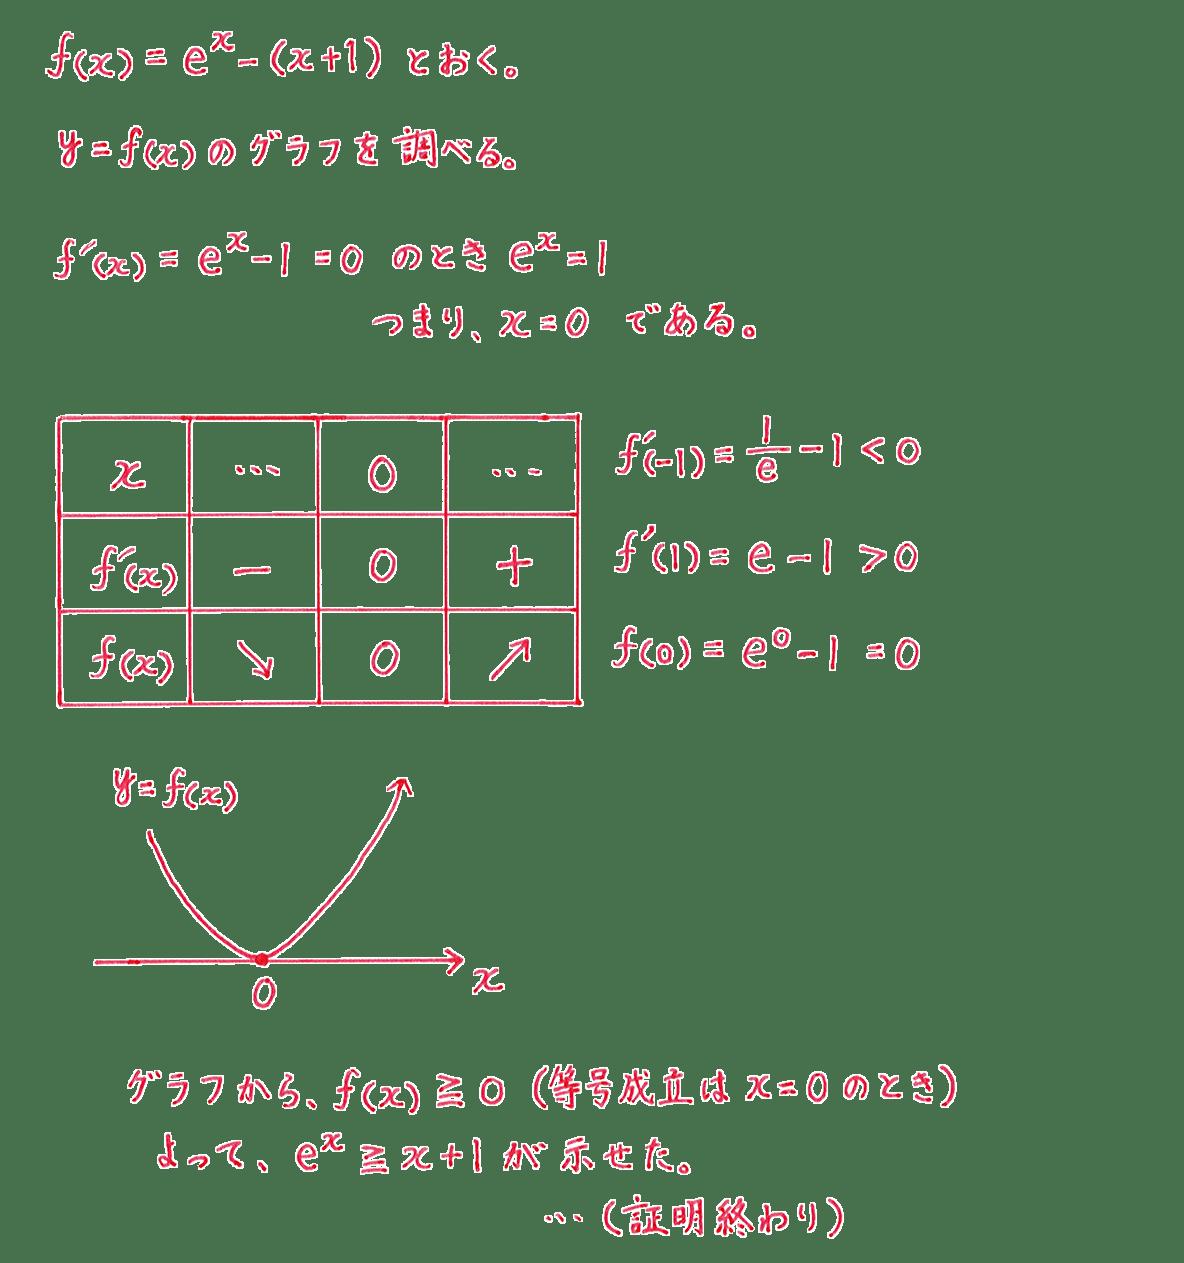 微分法の応用24 問題 答え